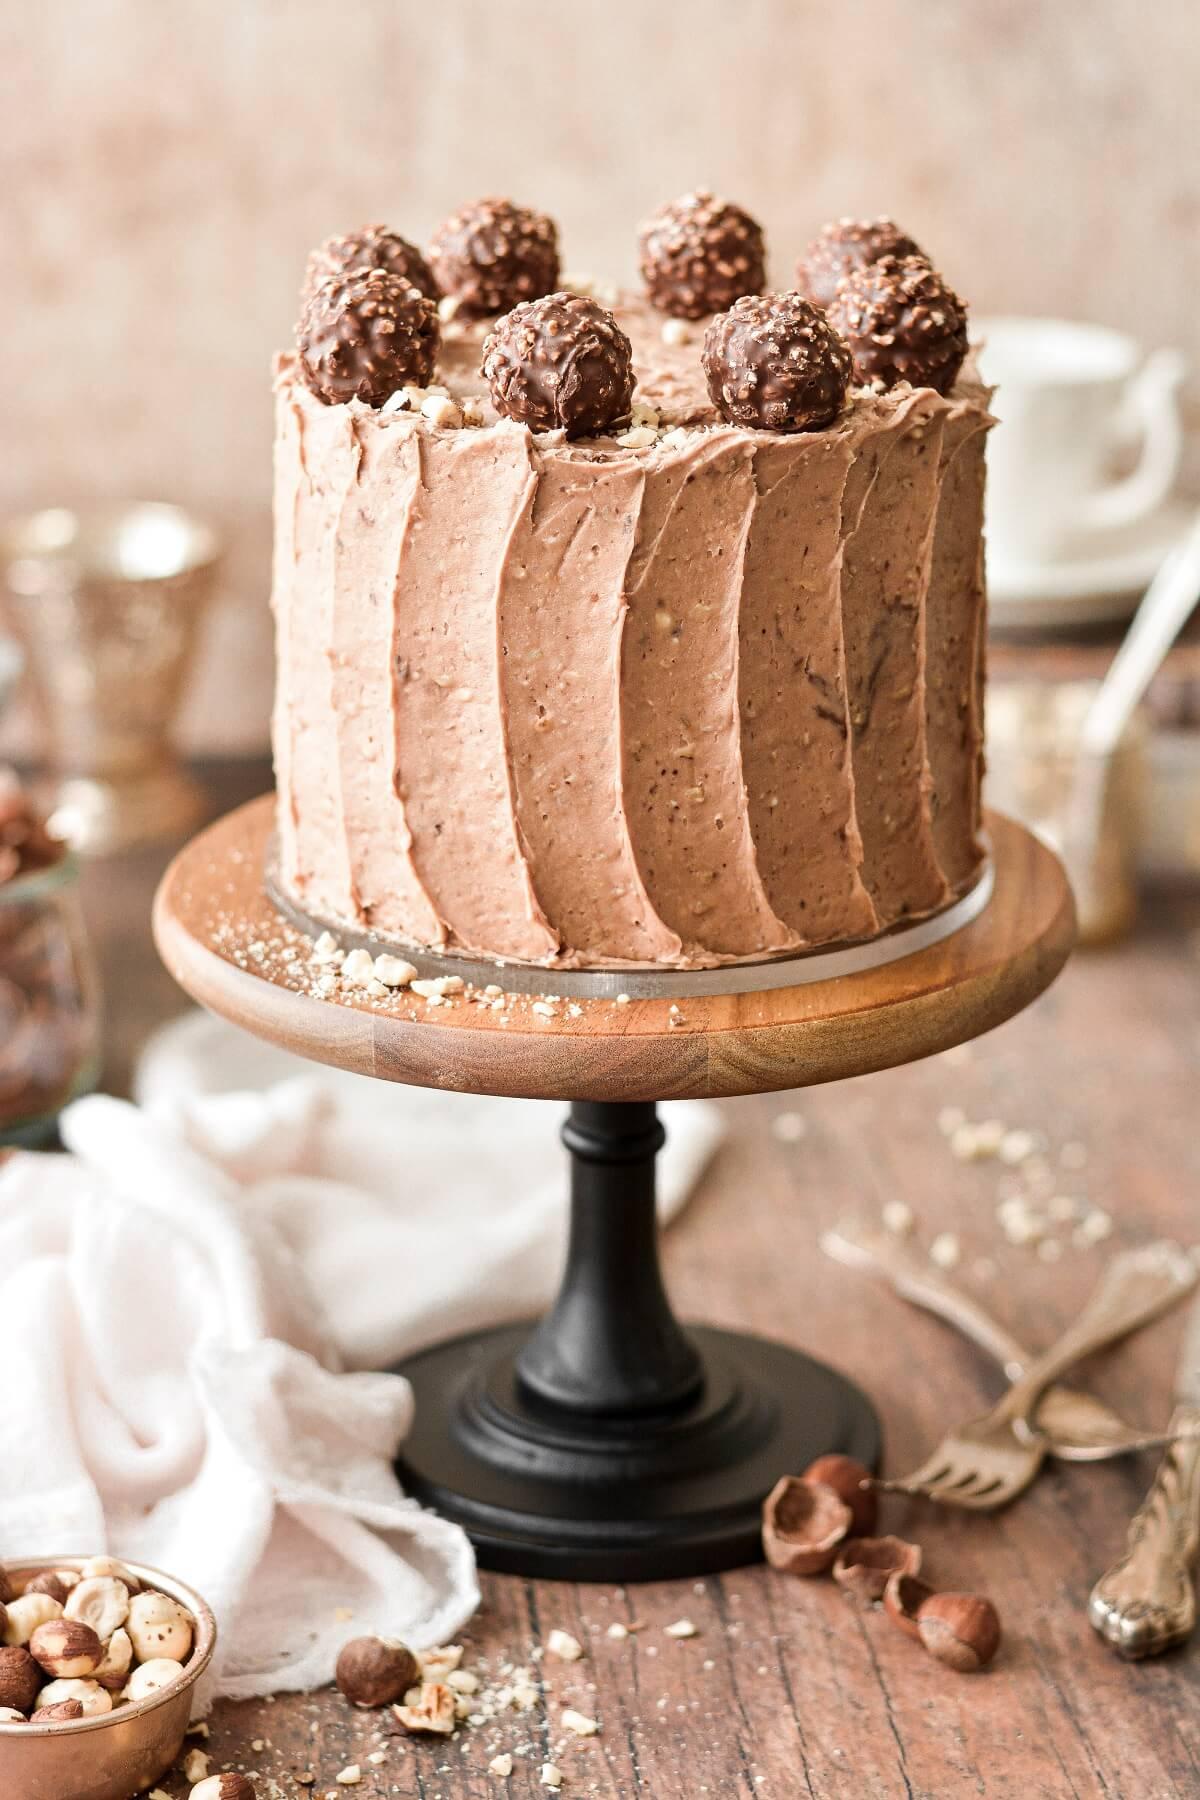 Chocolate hazelnut cake topped with chocolate hazelnut truffles.